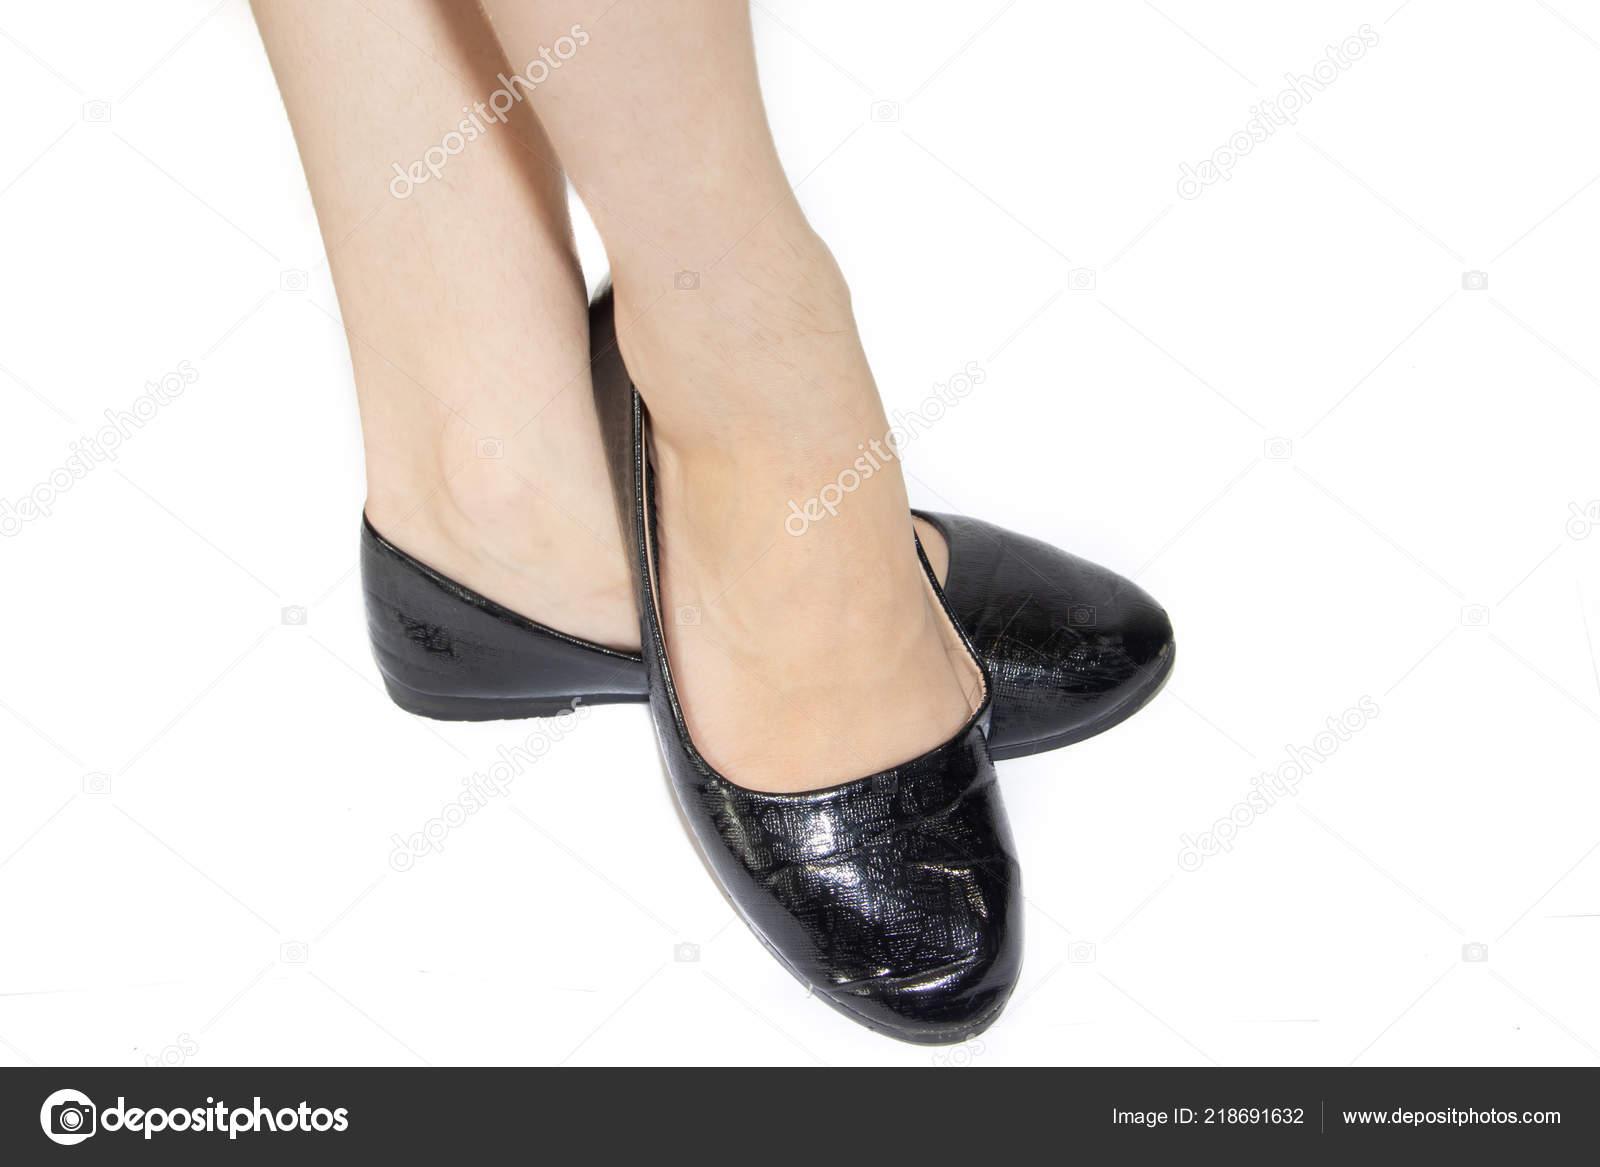 Dámská obuv. Dámská letní obuv. Obchodní černé baleríny na bílém pozadí.  Boty bez podpatku. Pohodlné boty pro volný čas — Fotografie od ... d031417d24